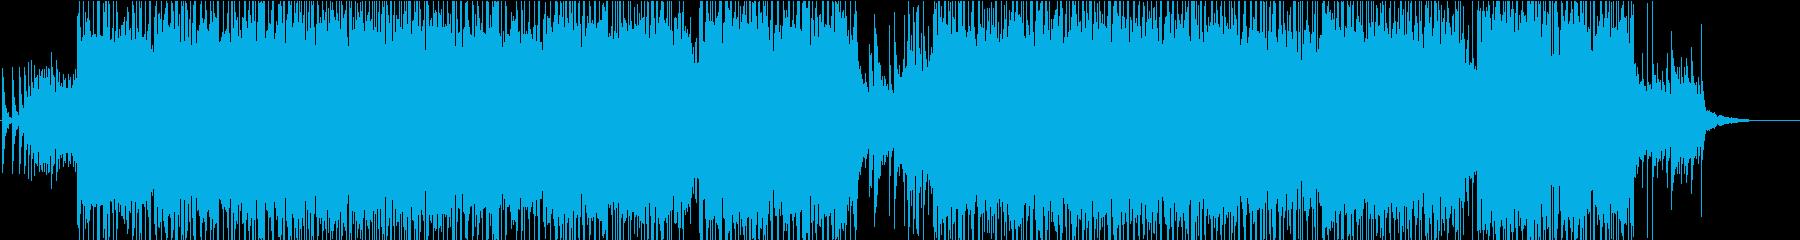 ハイスピード和楽器ロックサウンドの再生済みの波形